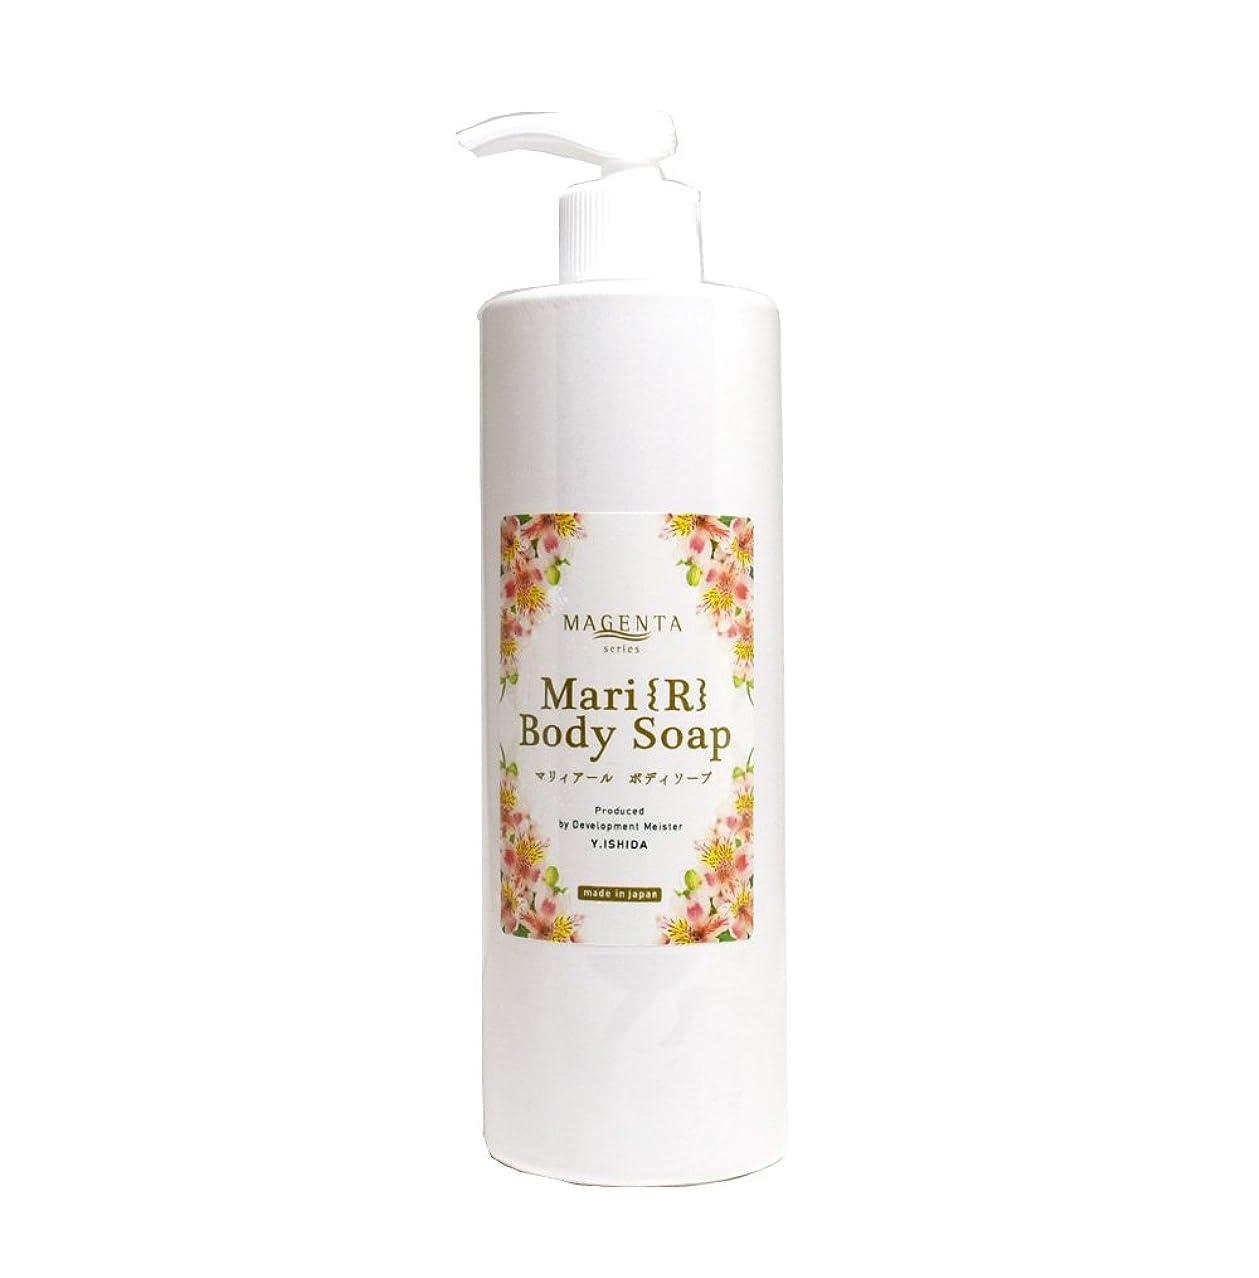 治安判事毎年サラミMAGENTA Mari R Body Soap 400ml マジェンタ マリイアール ボディソープ 日本製